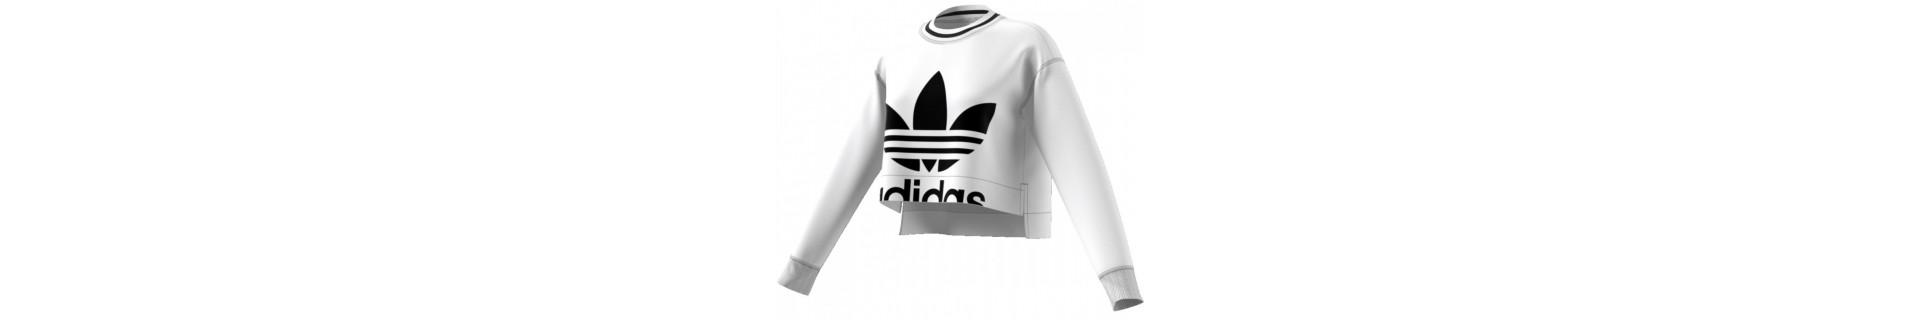 Sudaderas para mujer Adidas, Carhartt, Nike, Puma, Reebok